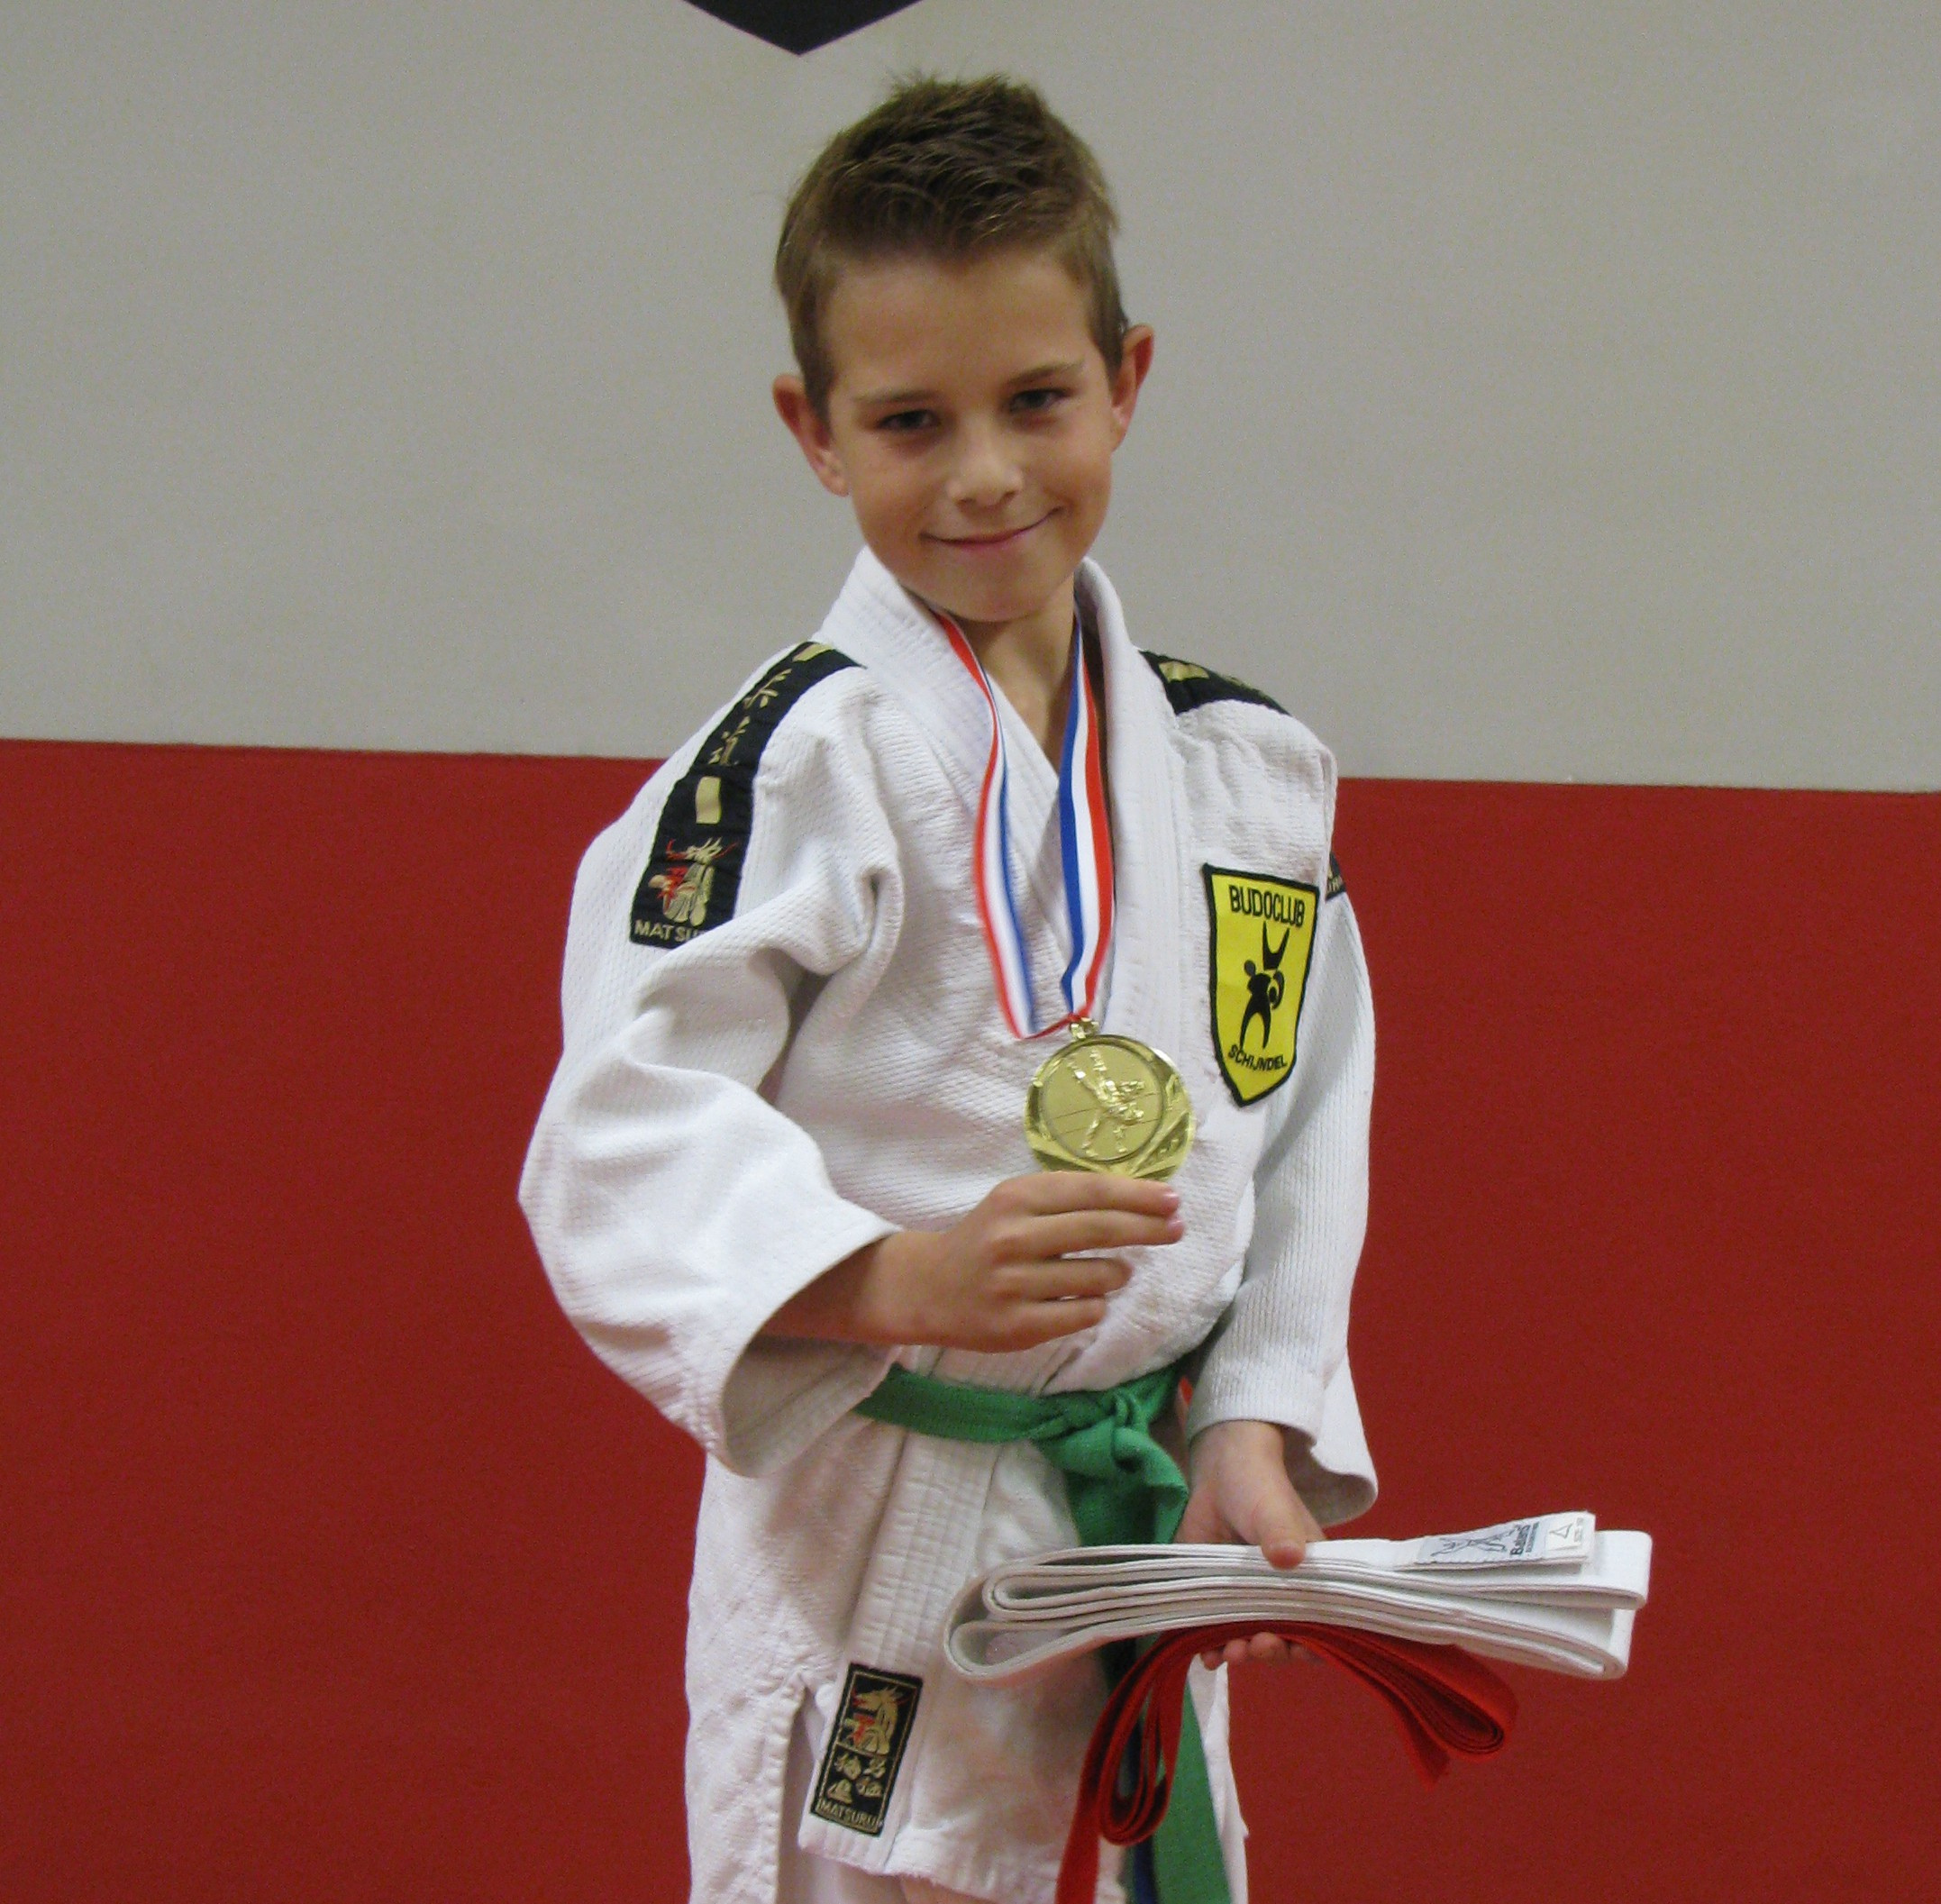 Tenzin van Osch Zuid-Nederlands kampioen